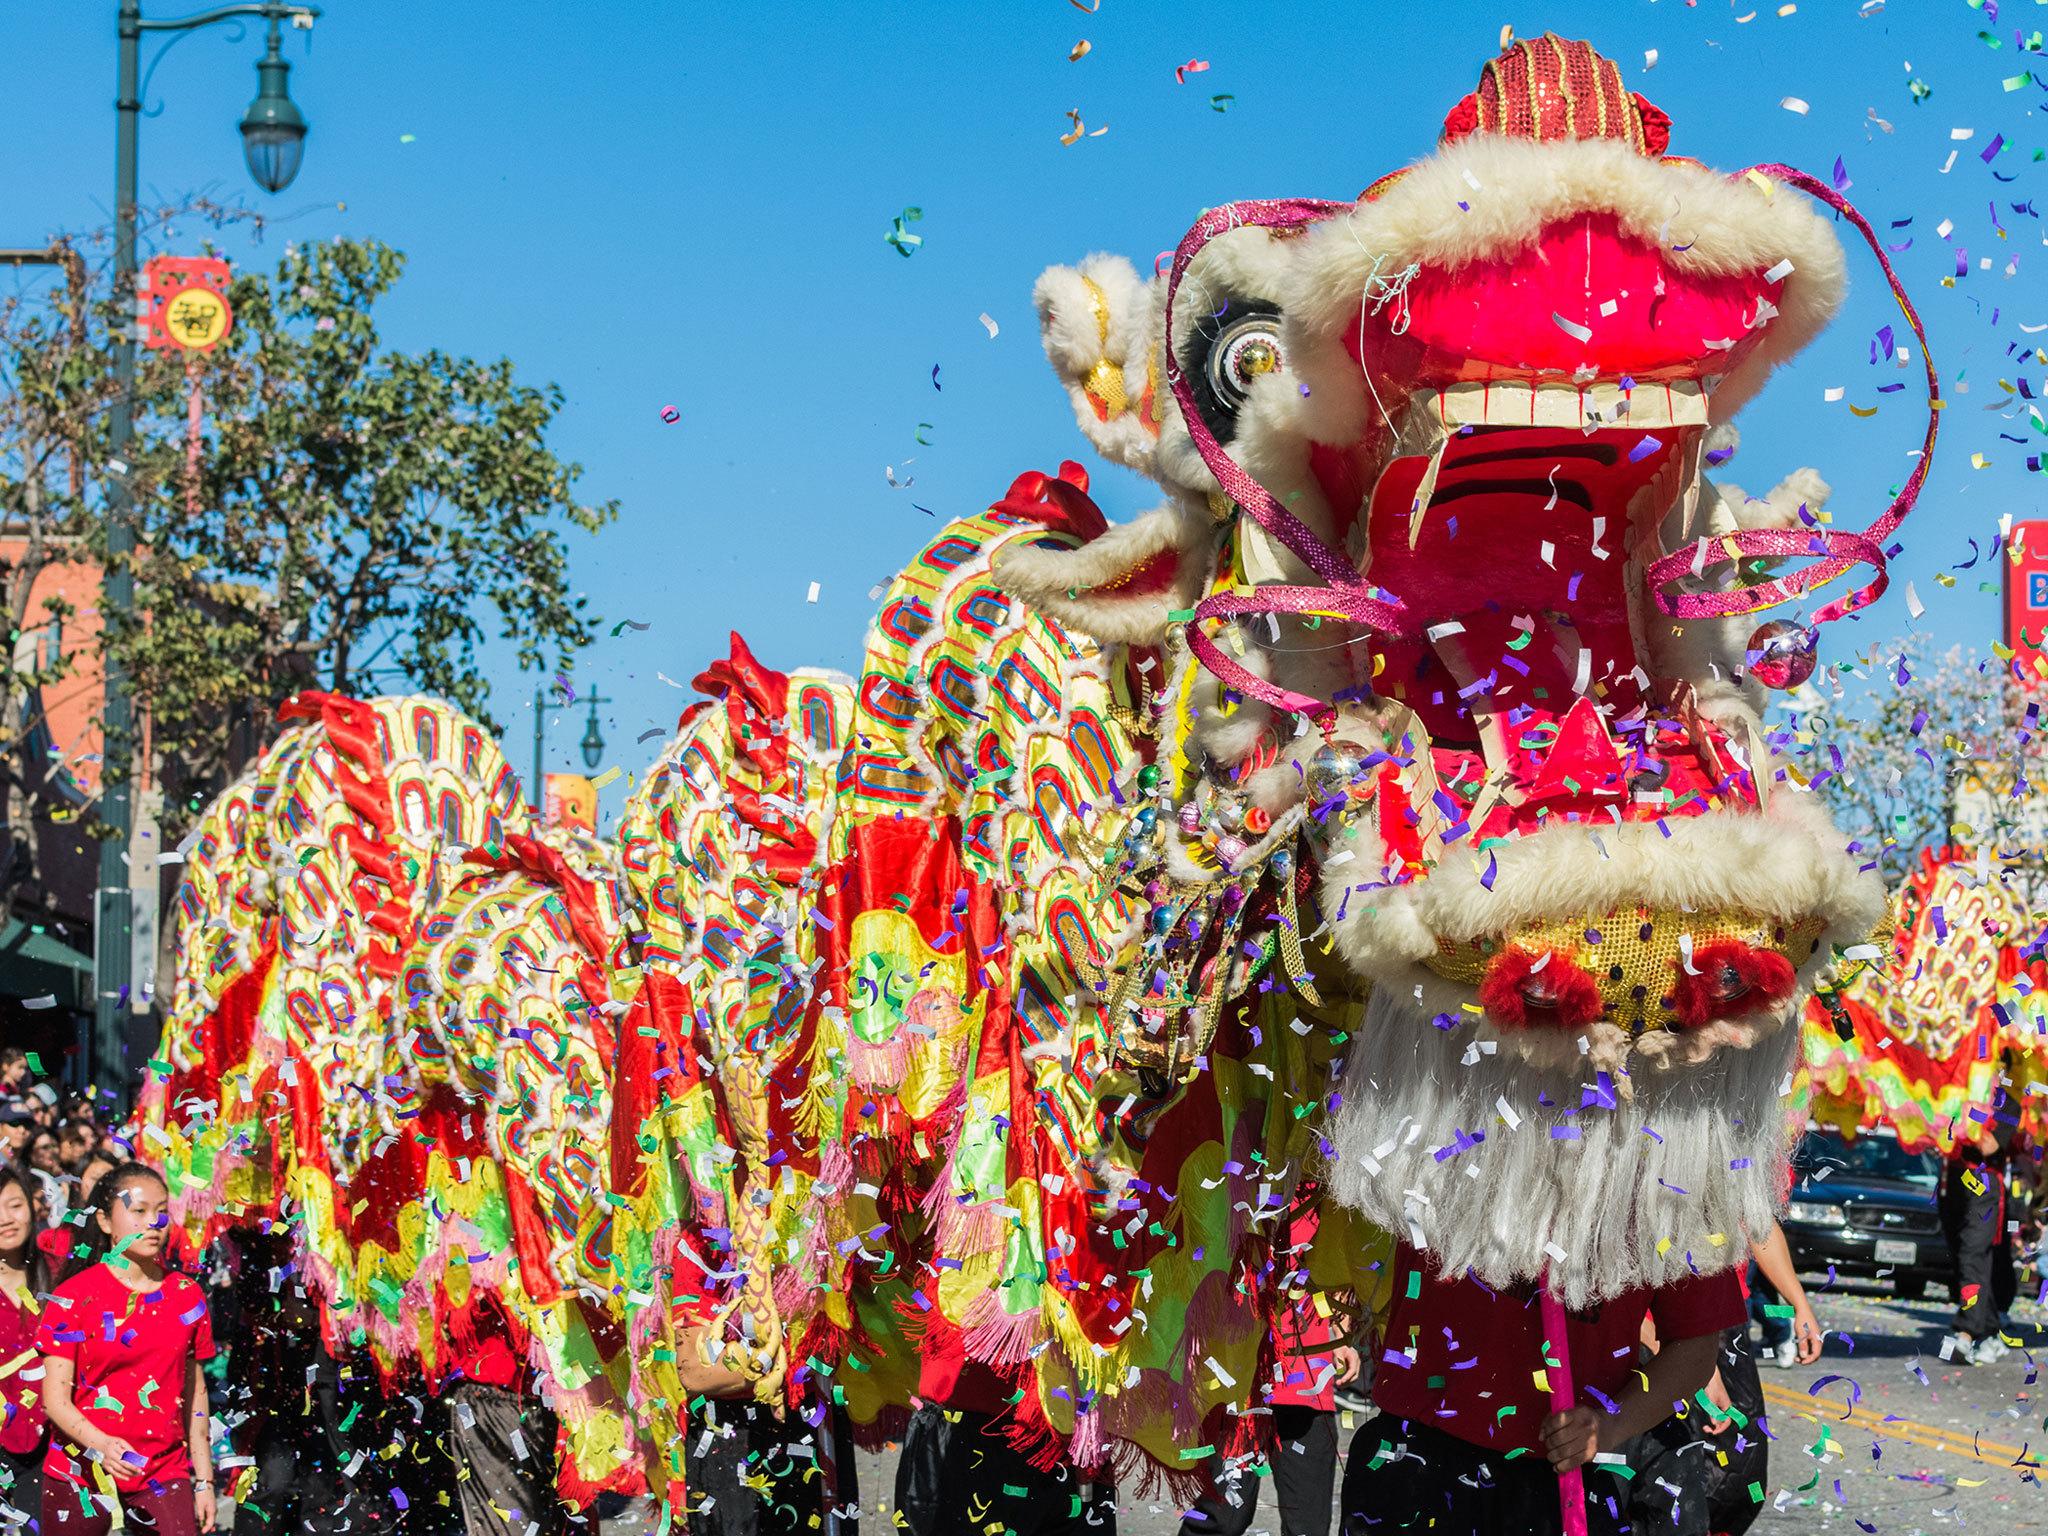 Los Angeles Golden Dragon Parade